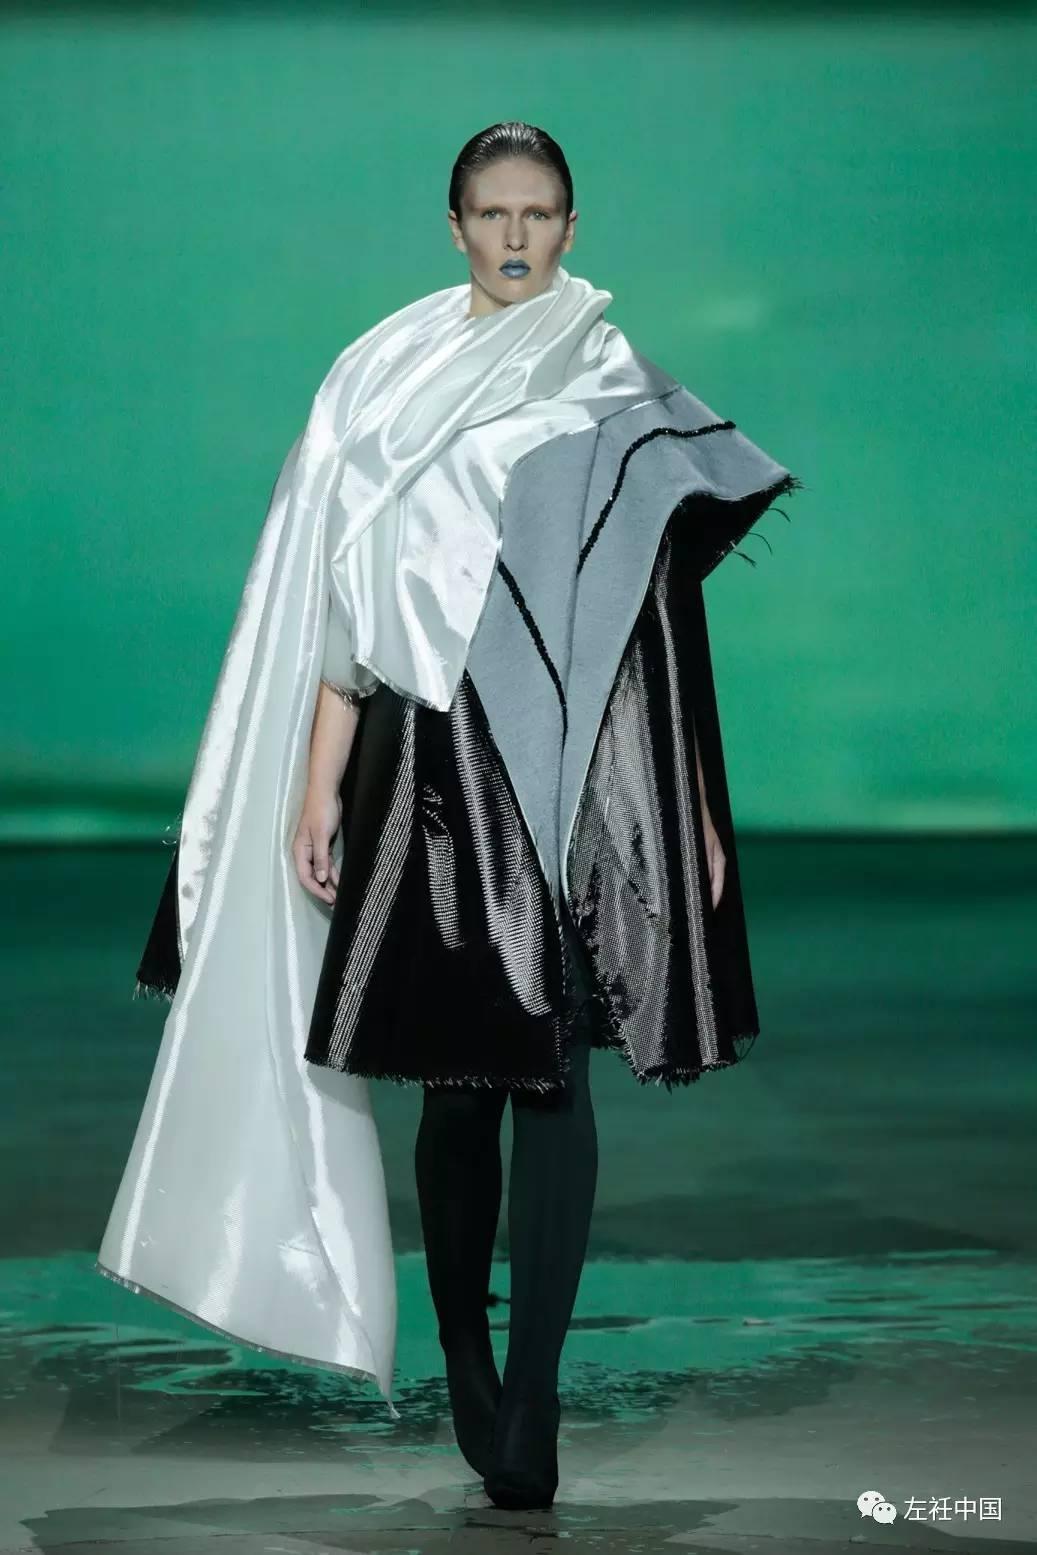 遇水即溶的未来时装震撼全场 ART 第63张